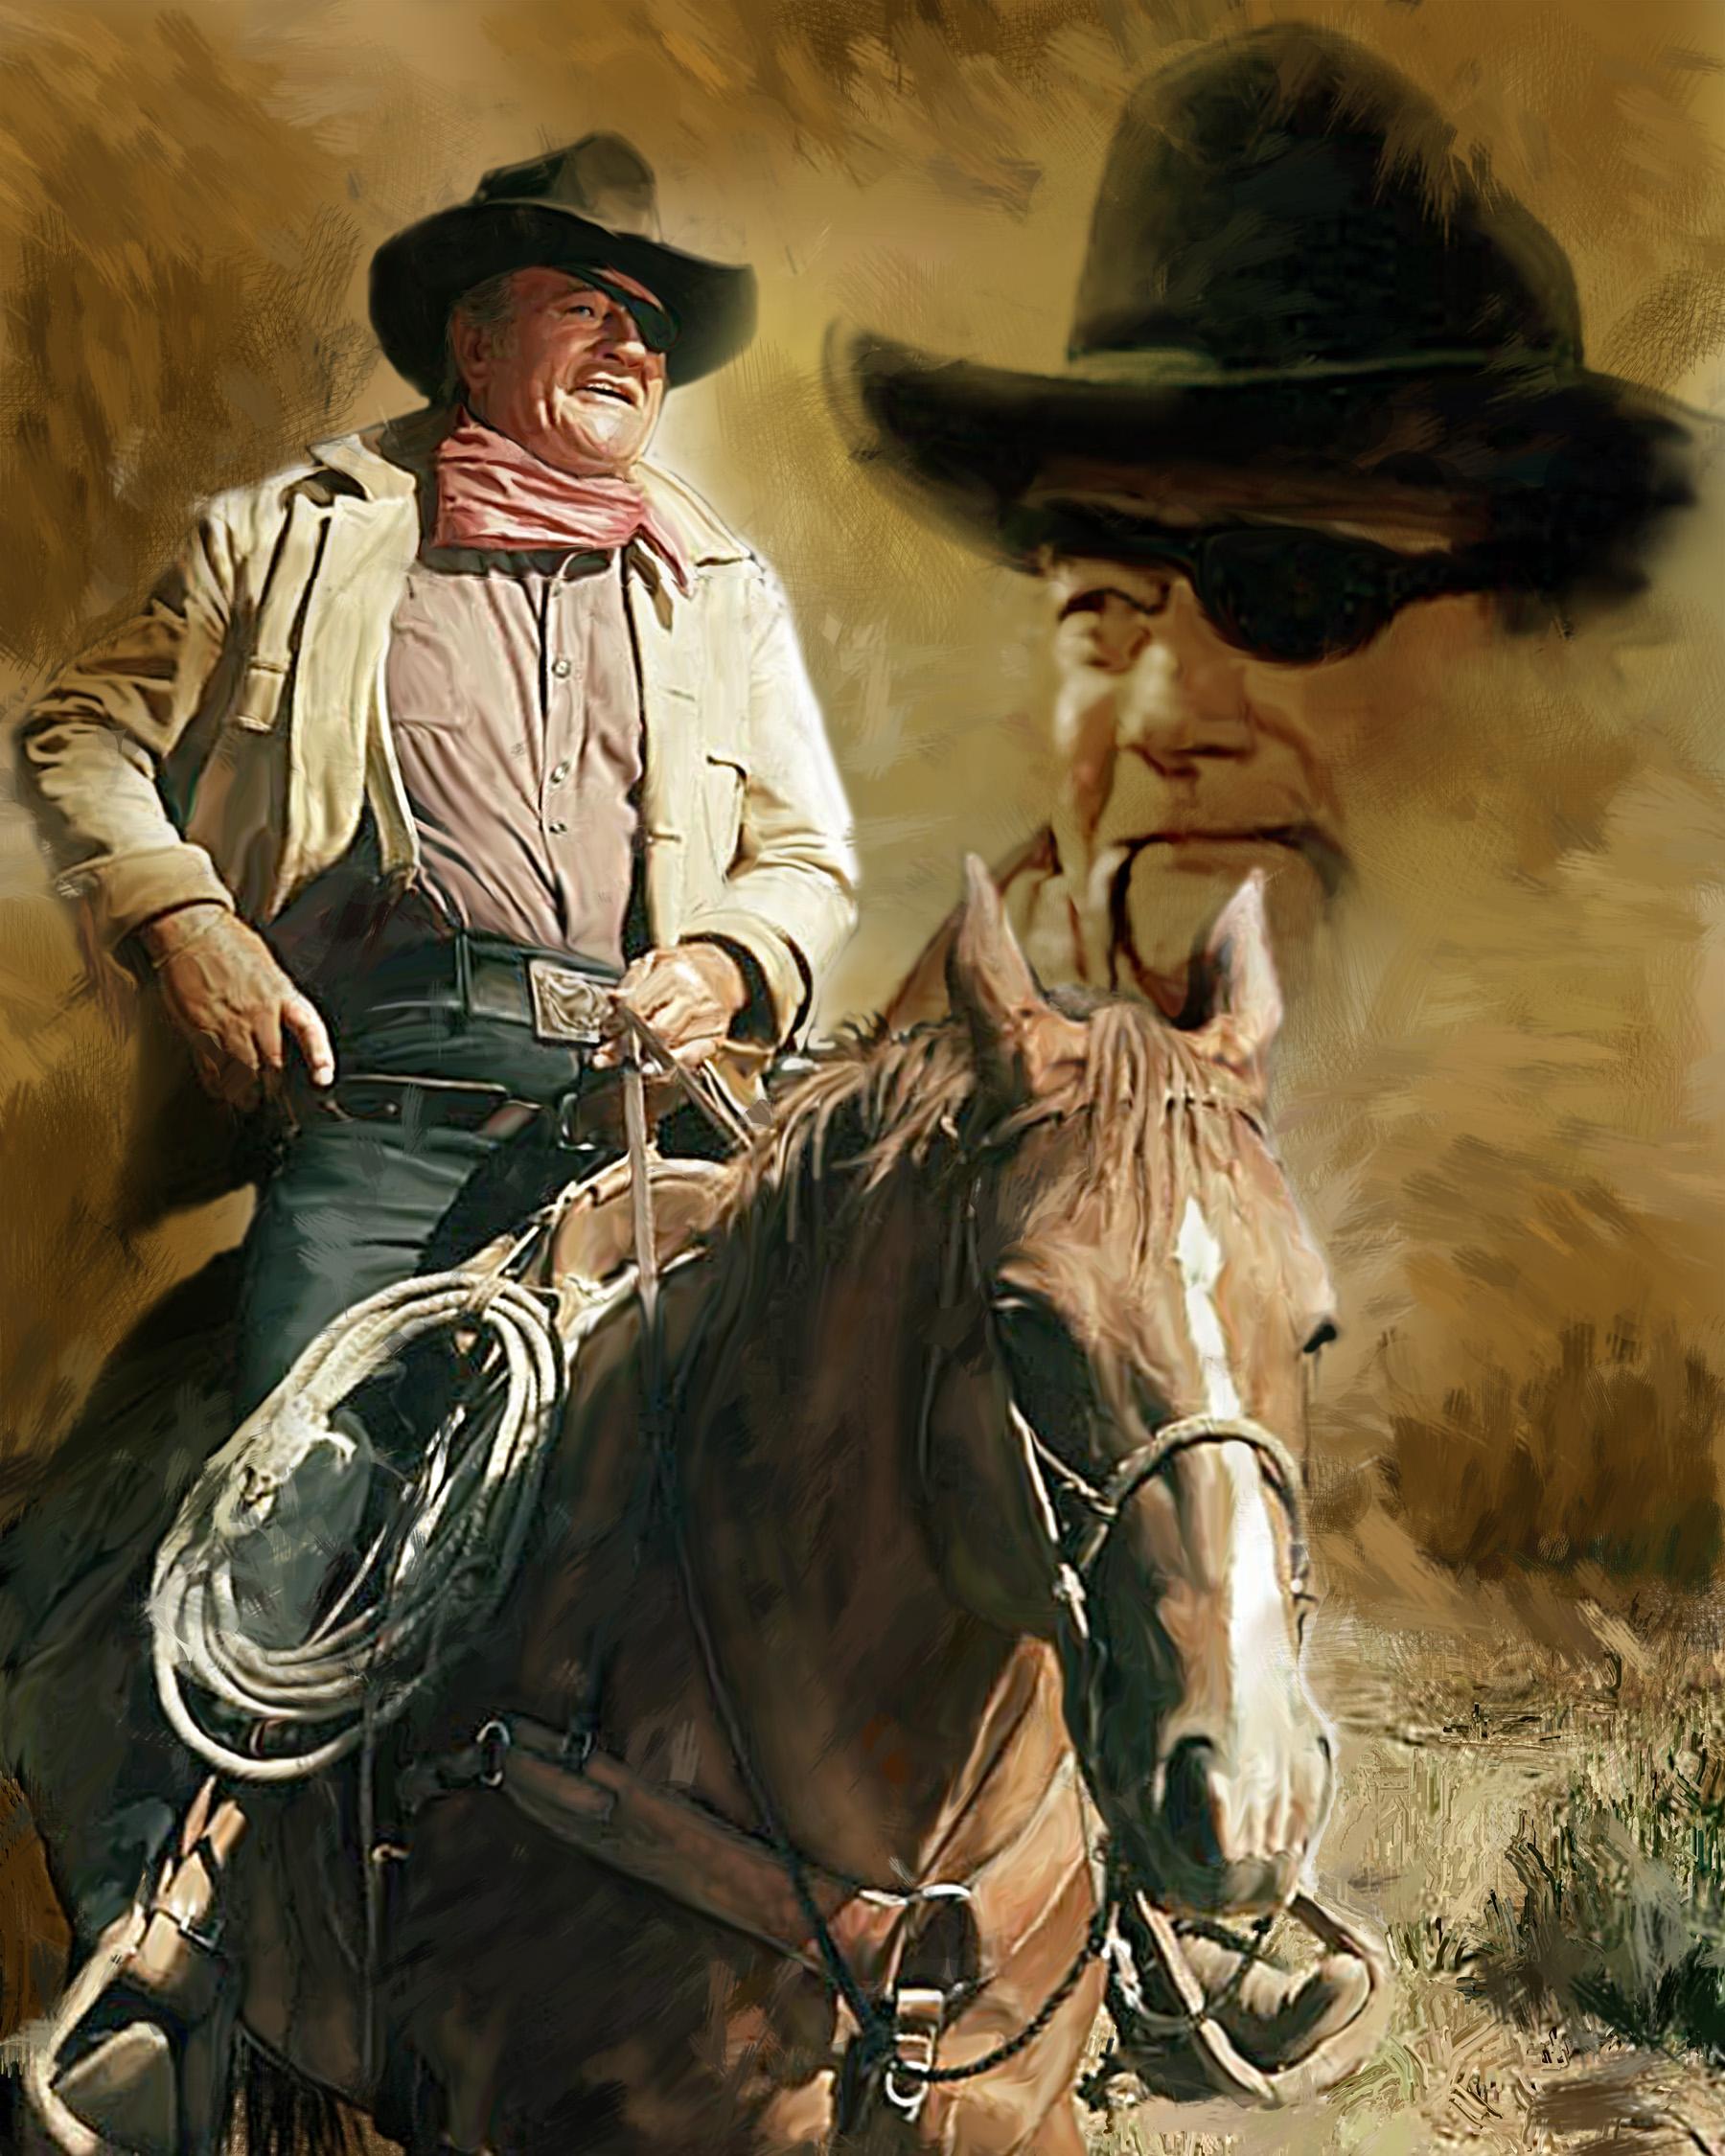 John Wayne True Grit Best 2018 John Wayne Birthplace Museum